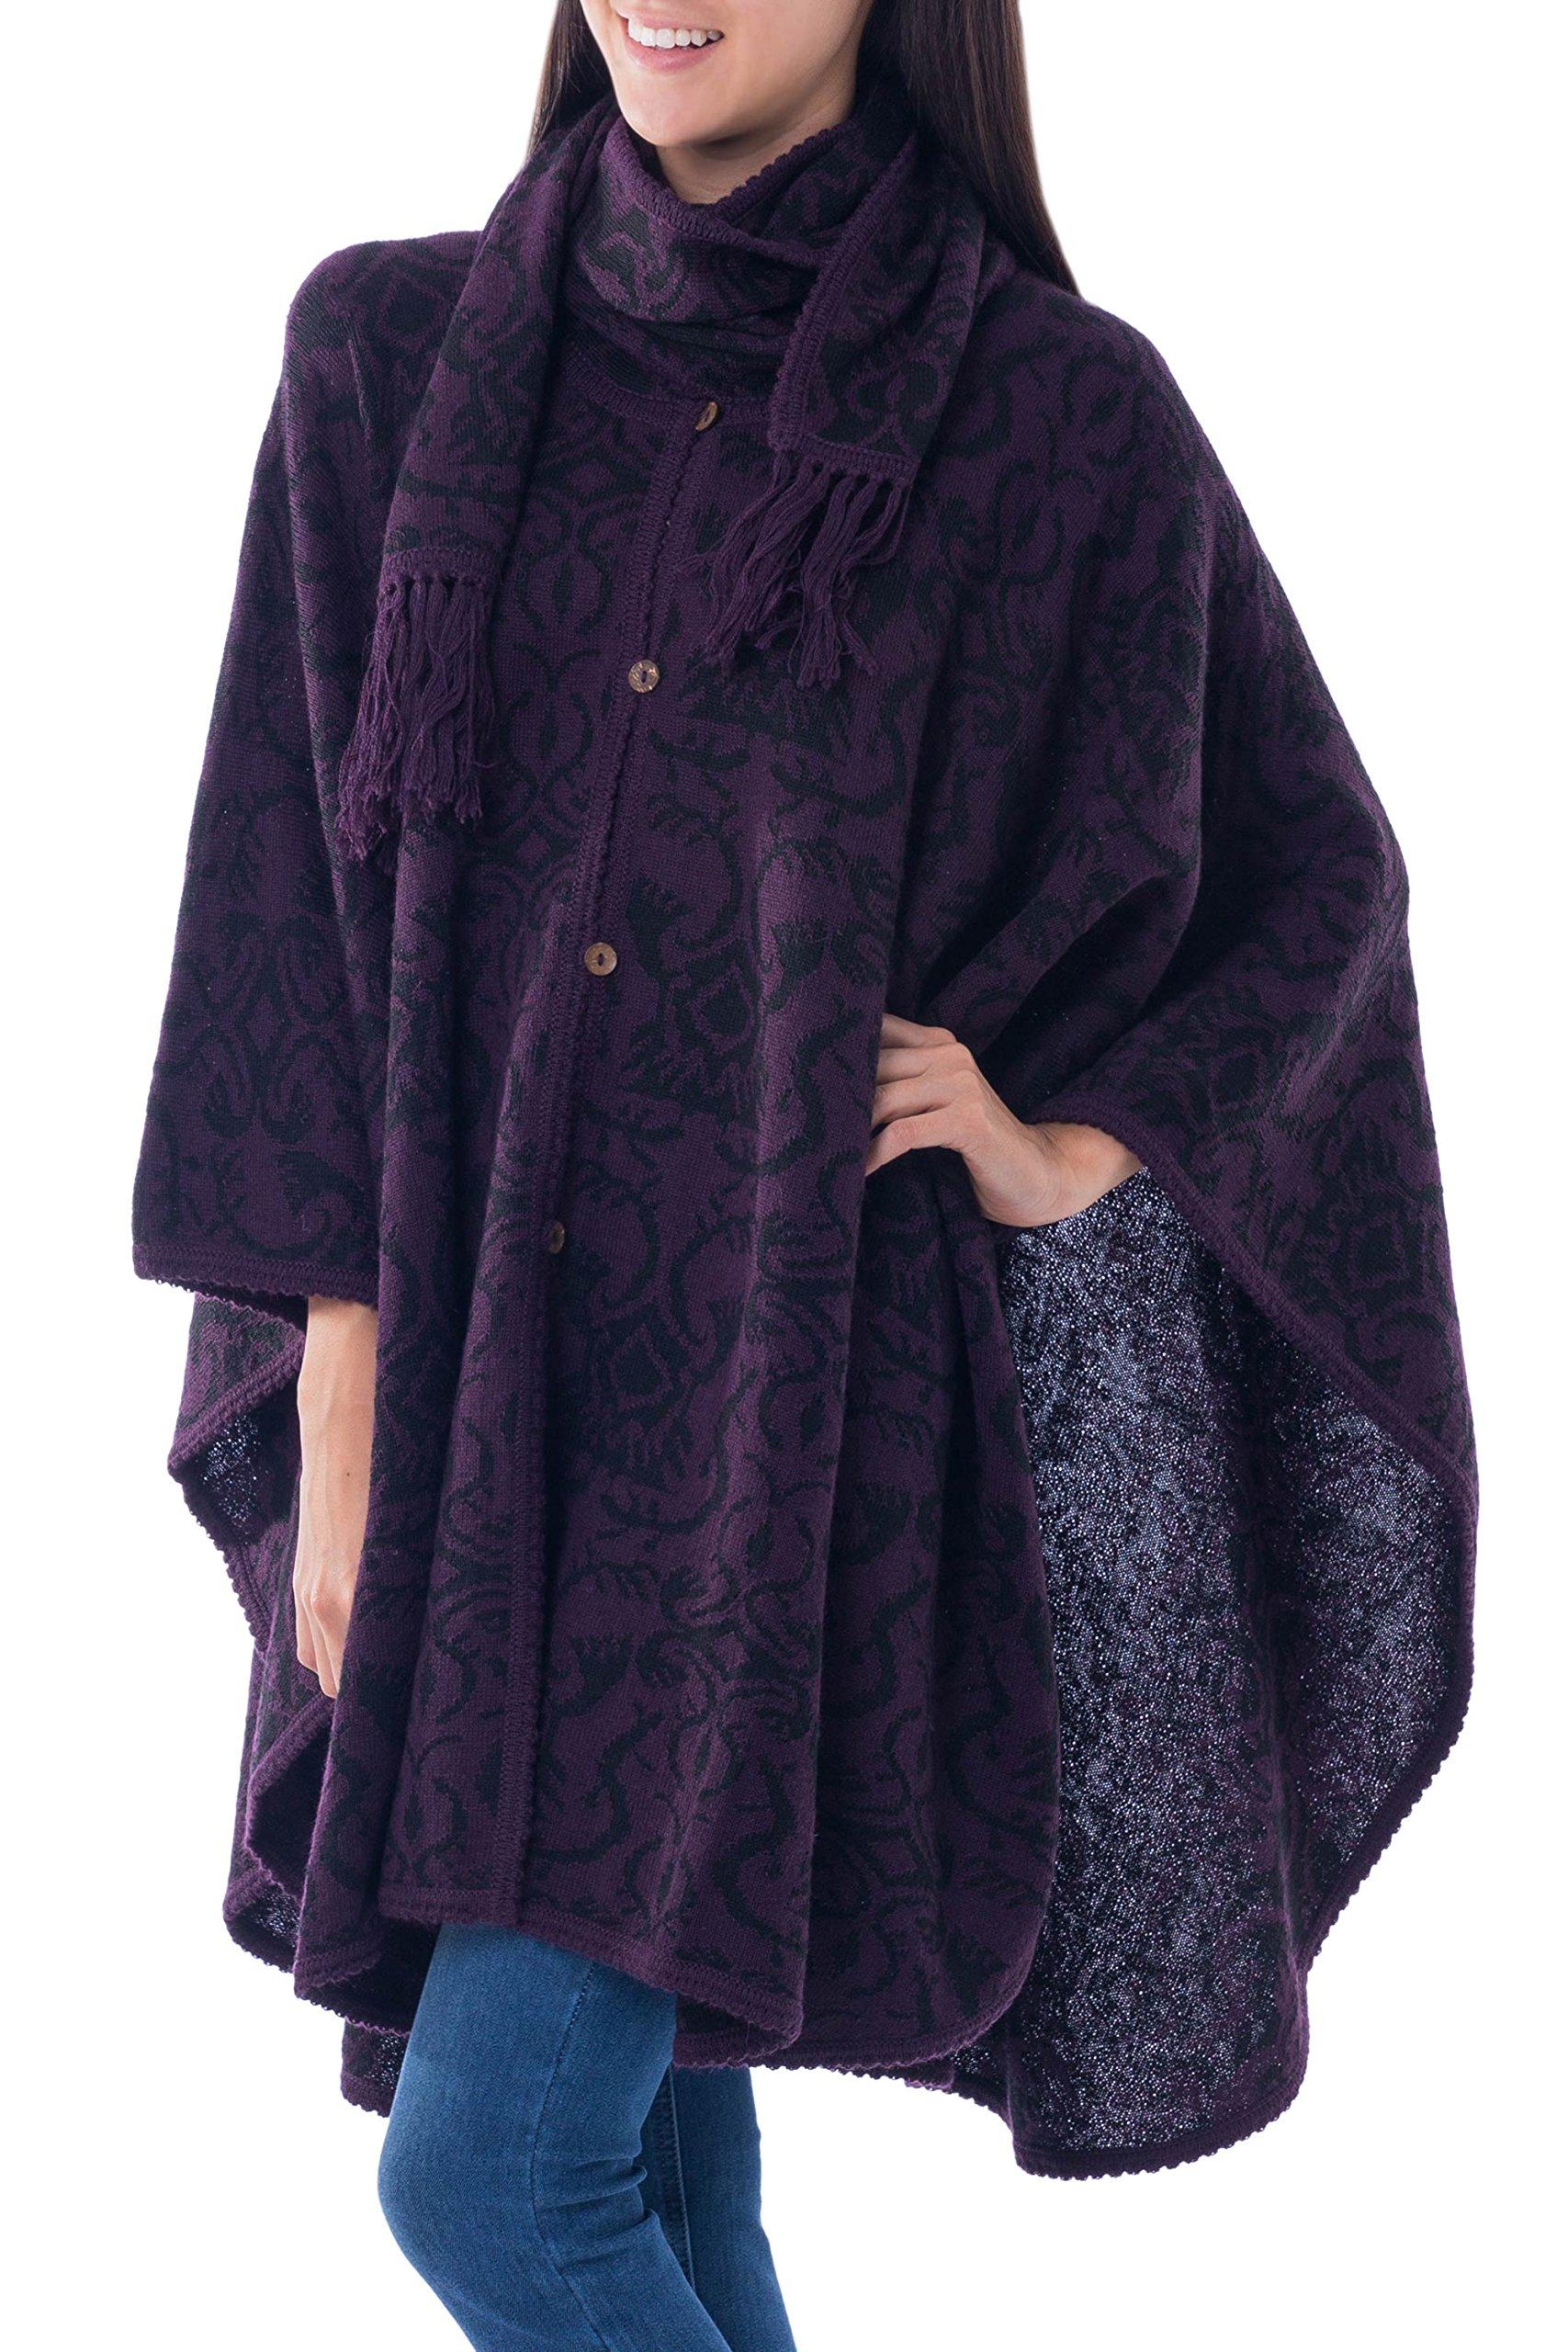 NOVICA Purple Alpaca Blend Ruana with Attached Scarf, 'Aubergine Arabesques'